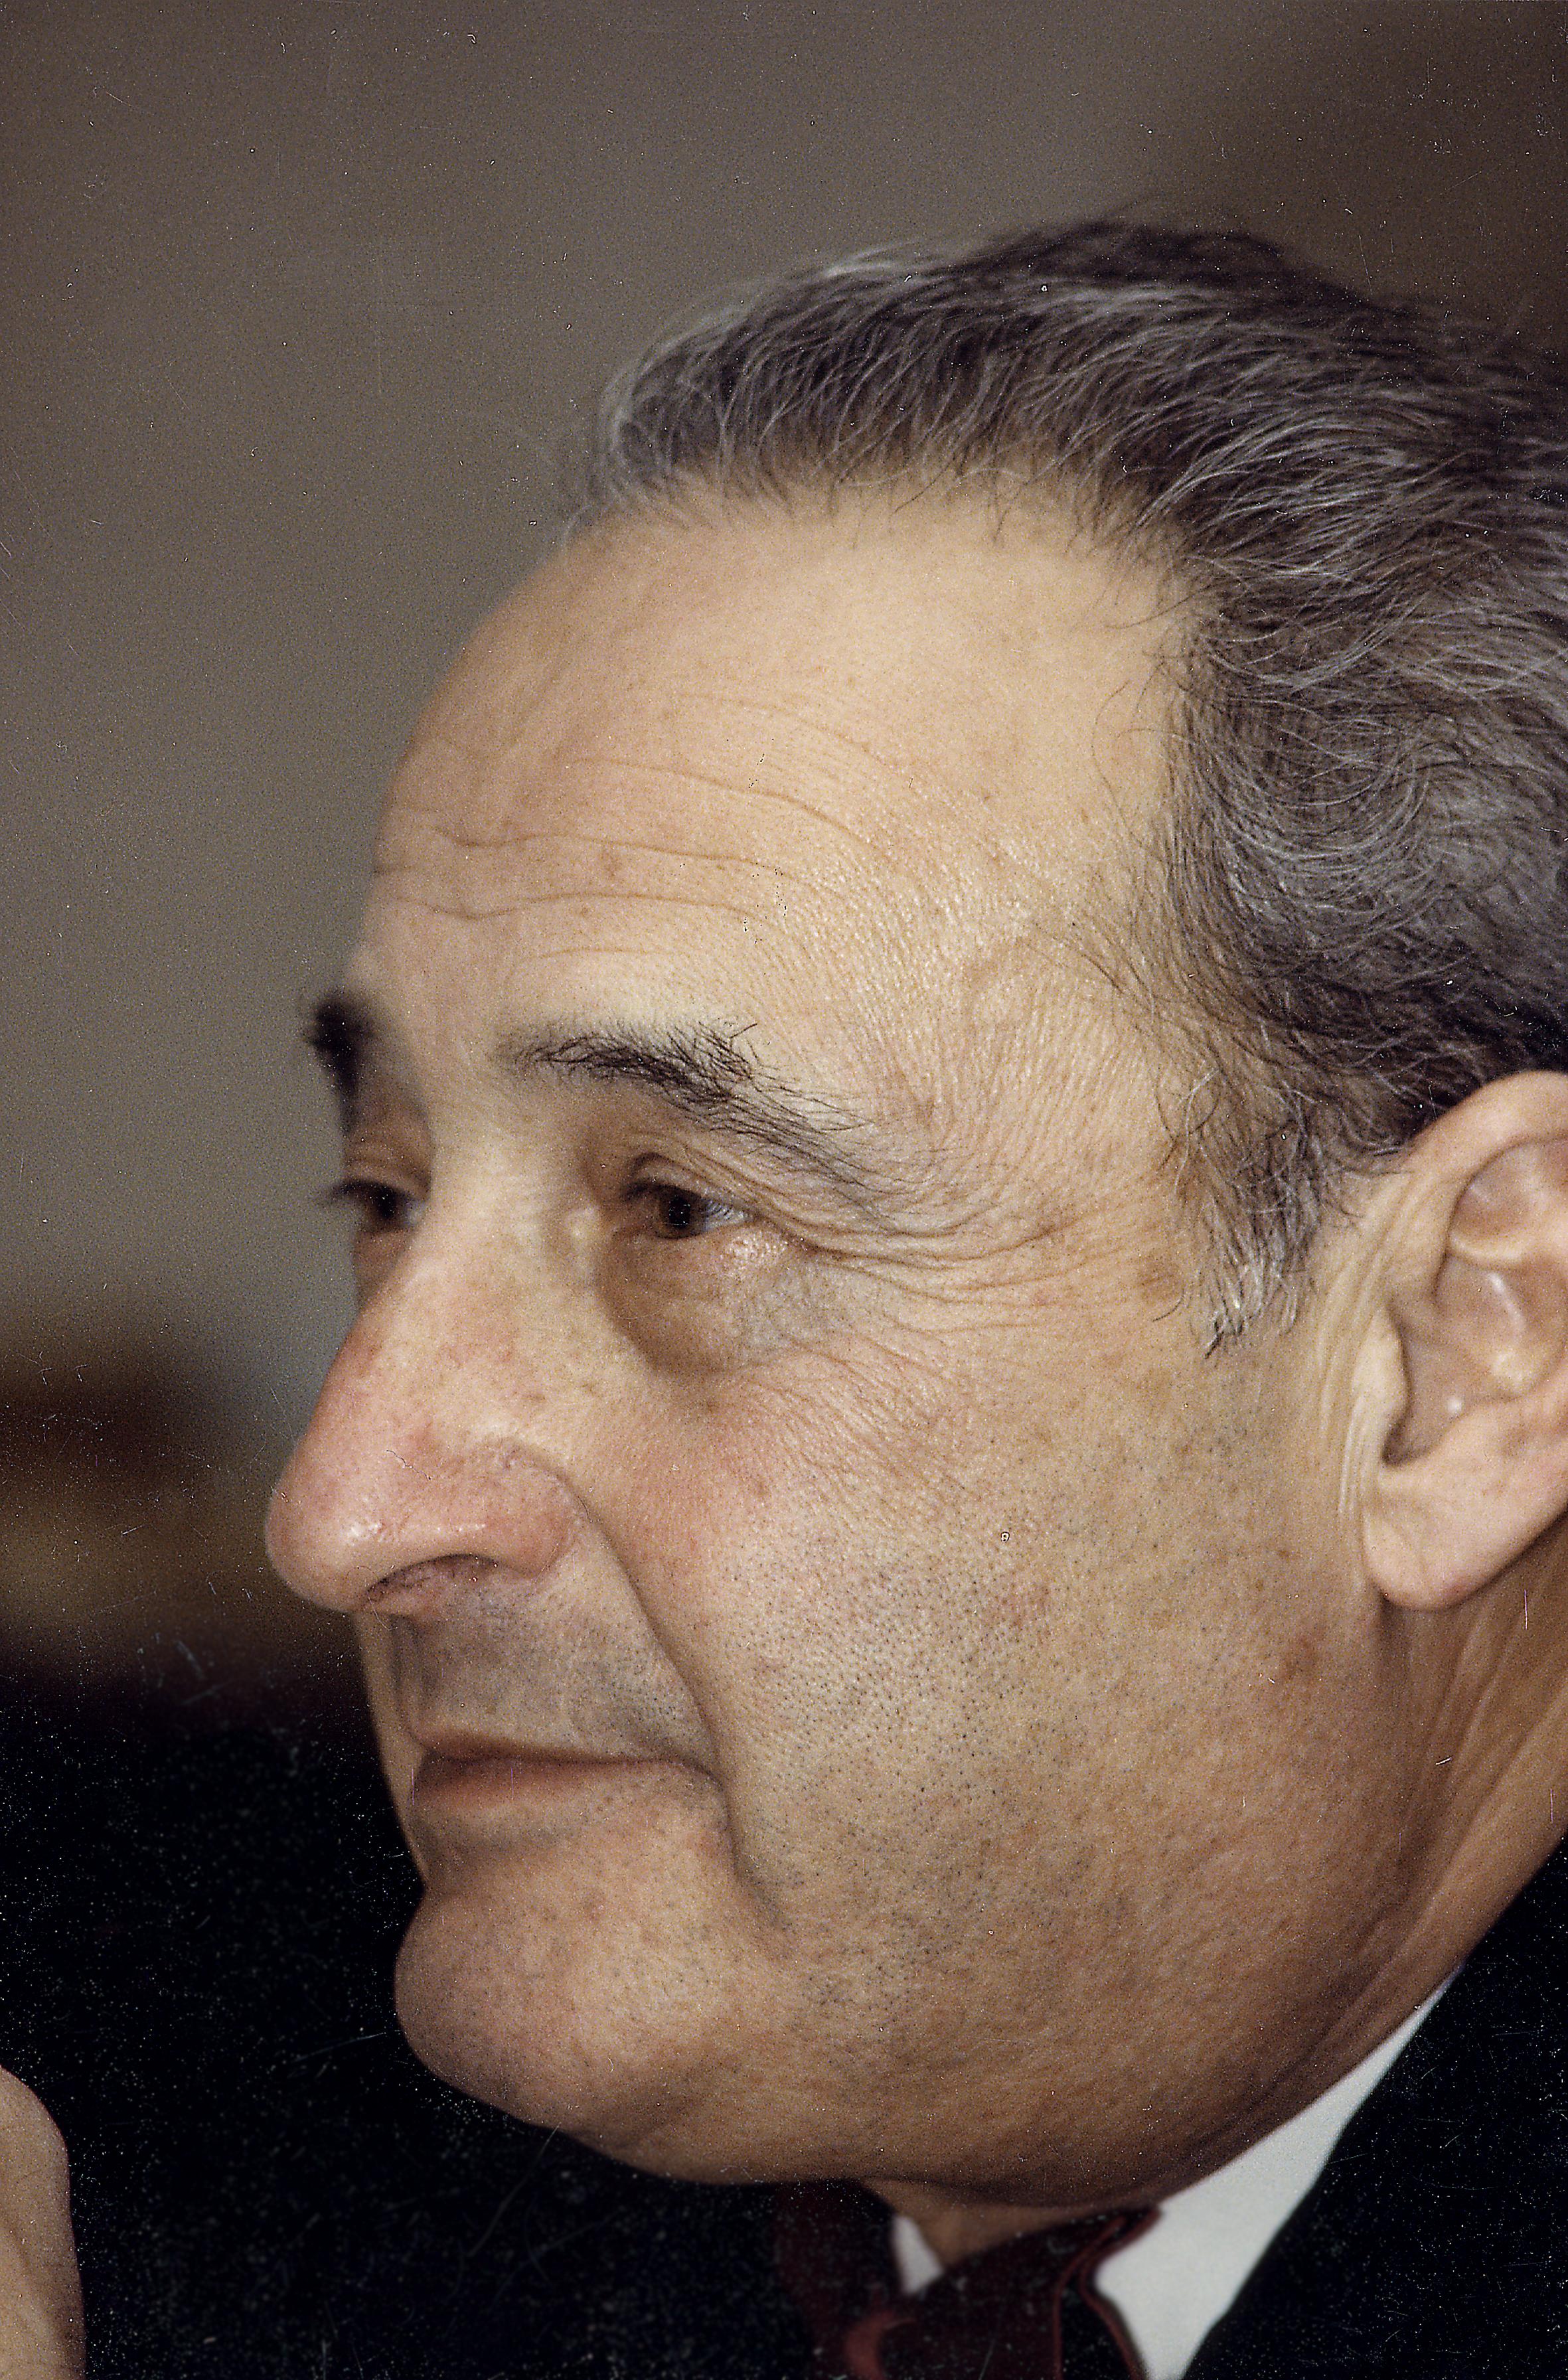 Herbert Reisner